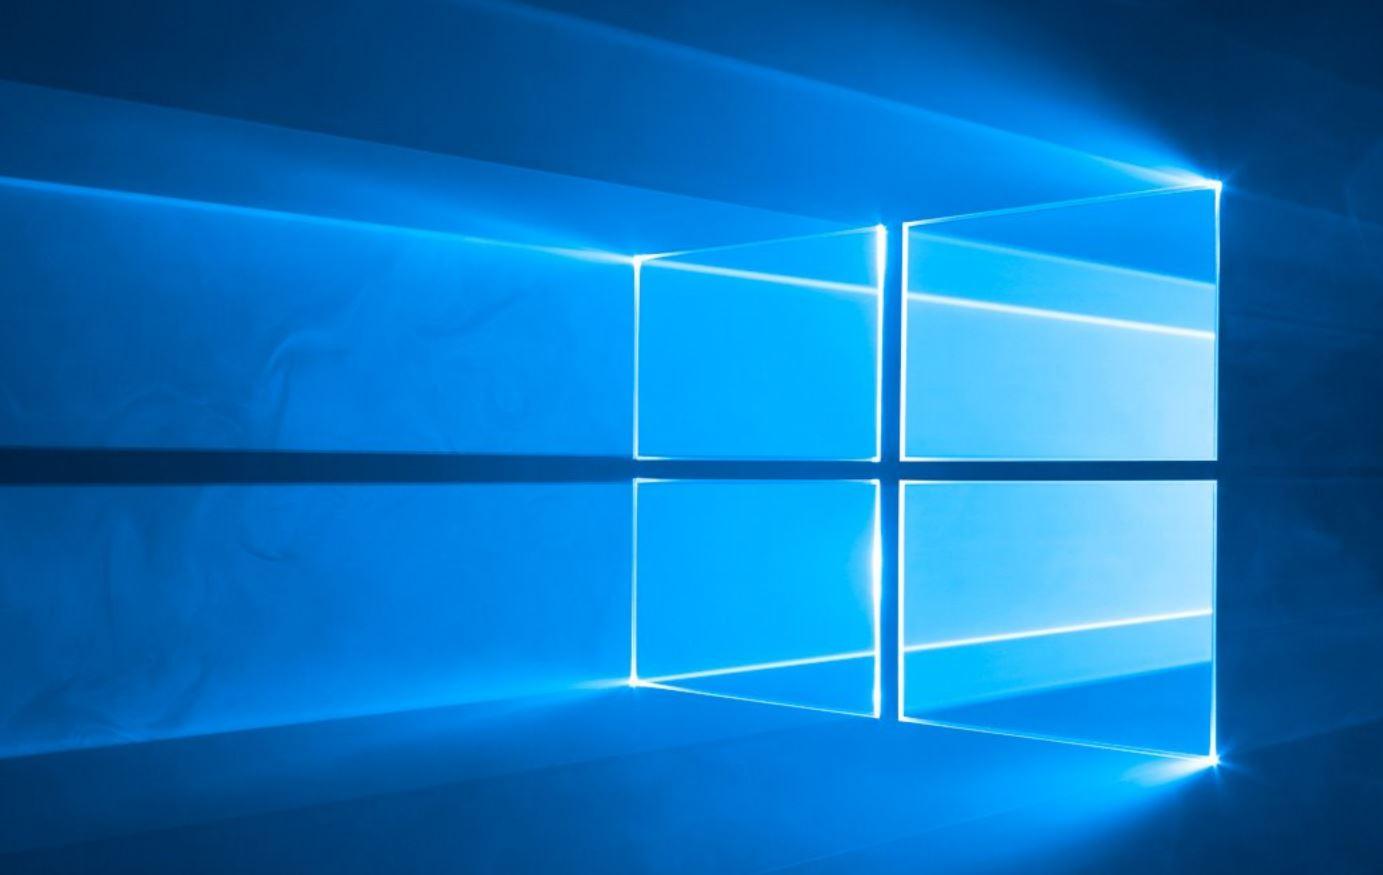 Windows 10: Ab 30.Juli ist das Upgrade nicht mehr gratis - Notebookcheck.com News